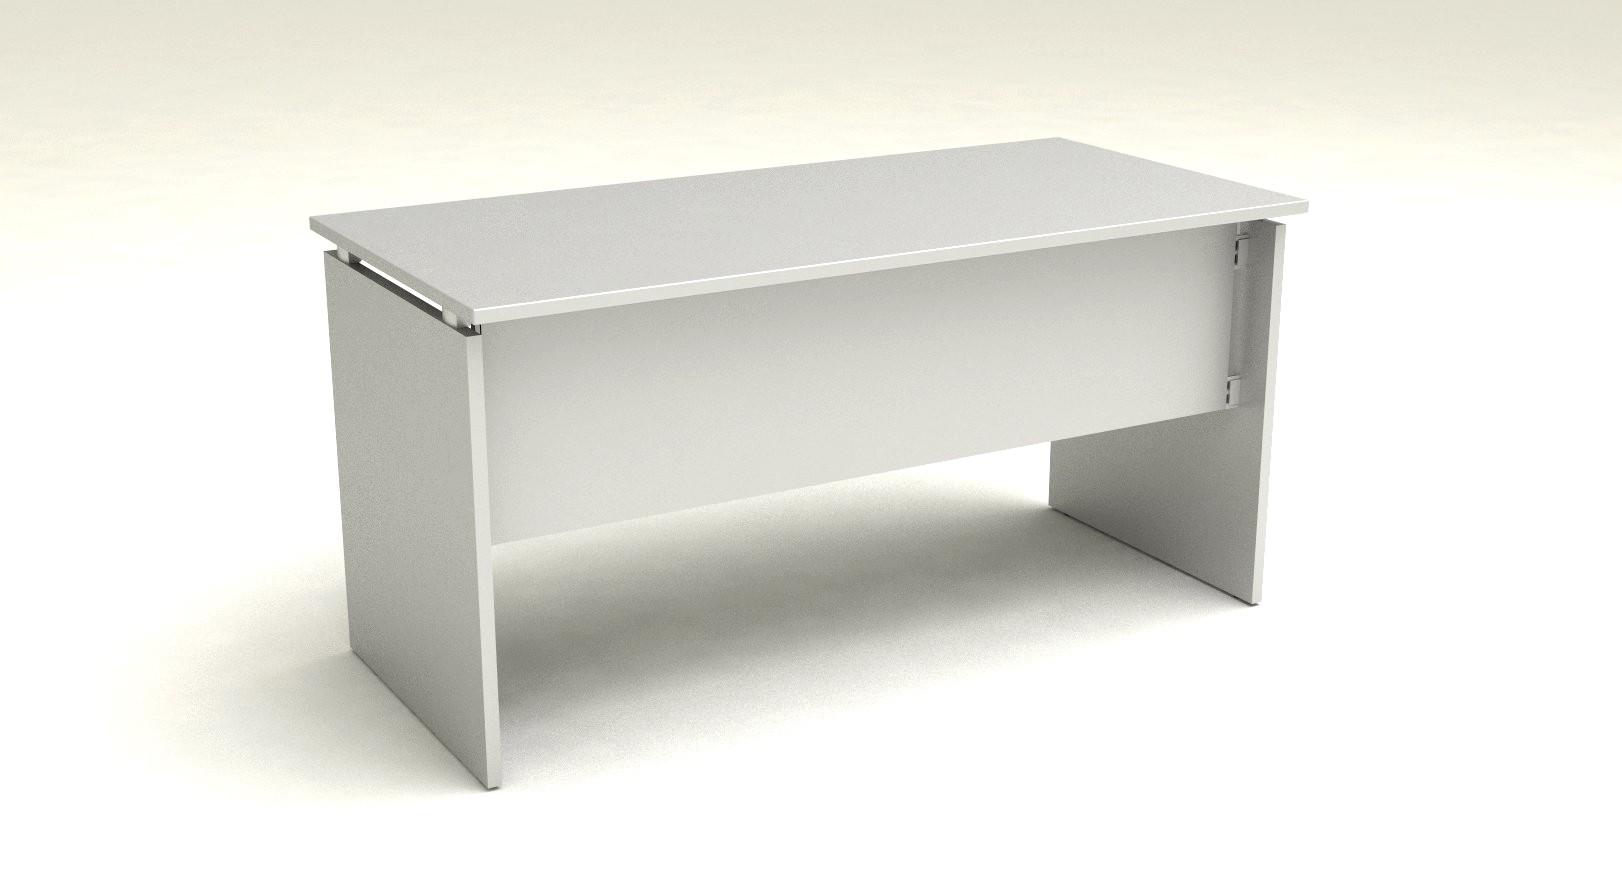 bureau pliant bureau avec pieds pliants mobilier maison bureau pliant bu83 noir achat vente. Black Bedroom Furniture Sets. Home Design Ideas